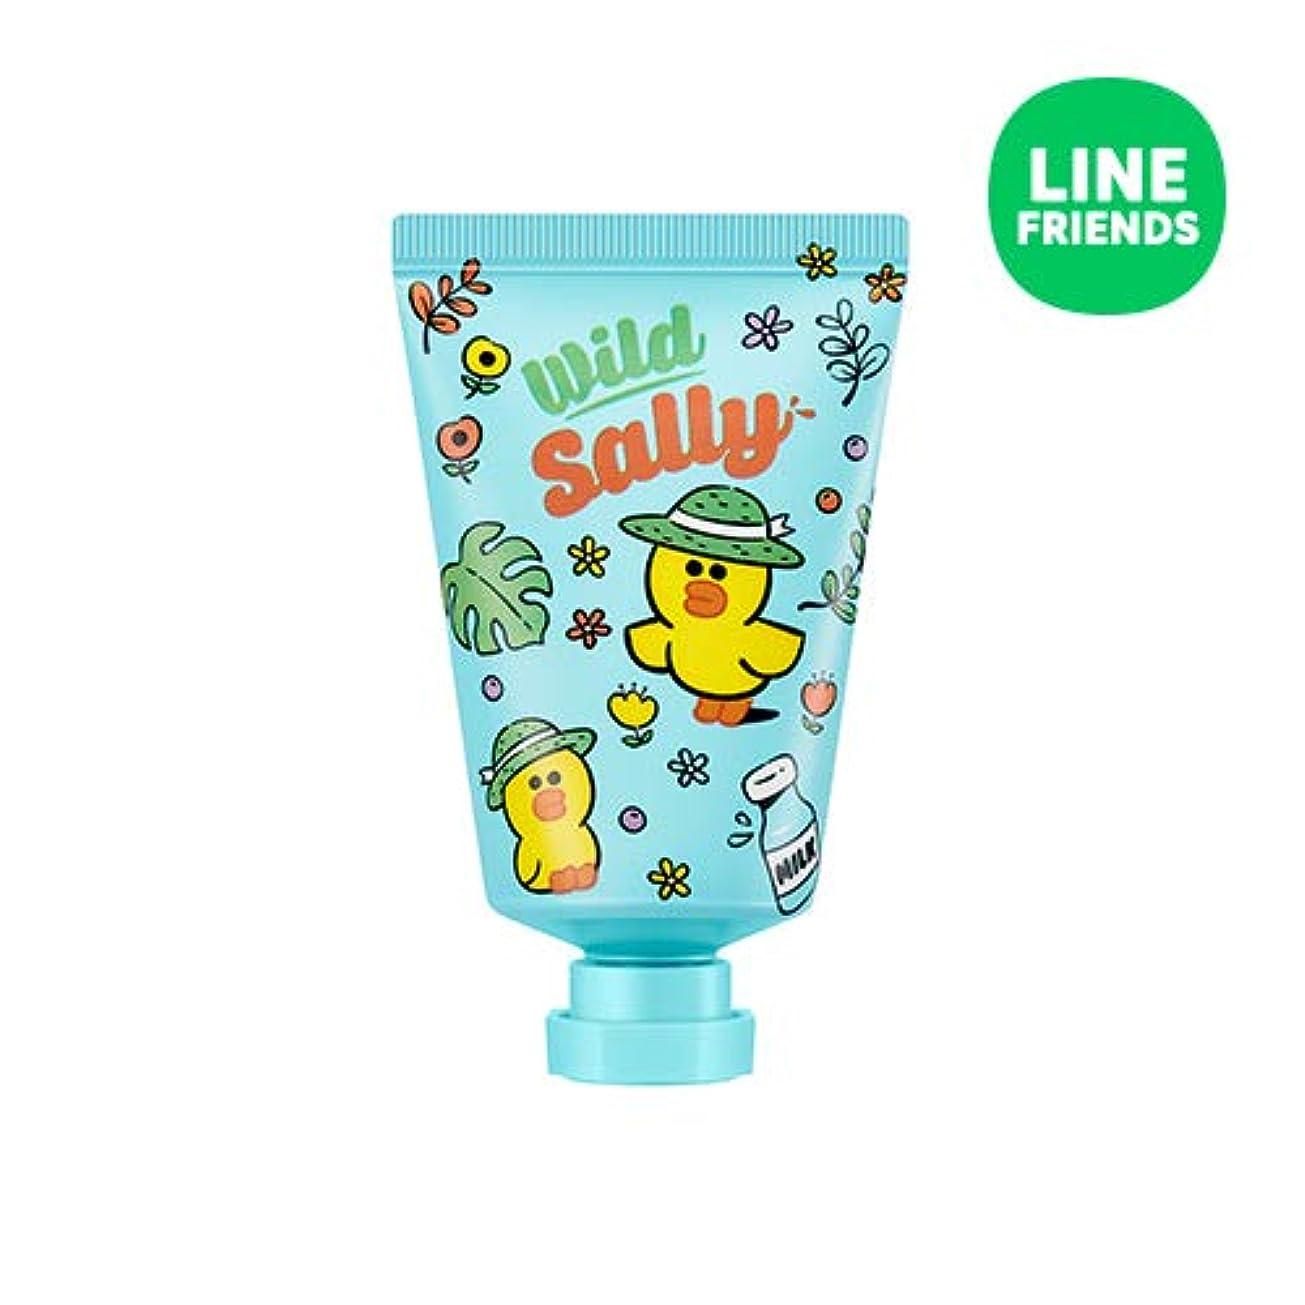 奇跡的なブラザー驚きミシャ(ラインフレンズ)ラブシークレットハンドクリーム 30ml MISSHA [Line Friends Edition] Love Secret Hand Cream - Sally # Cotton White [並行輸入品]